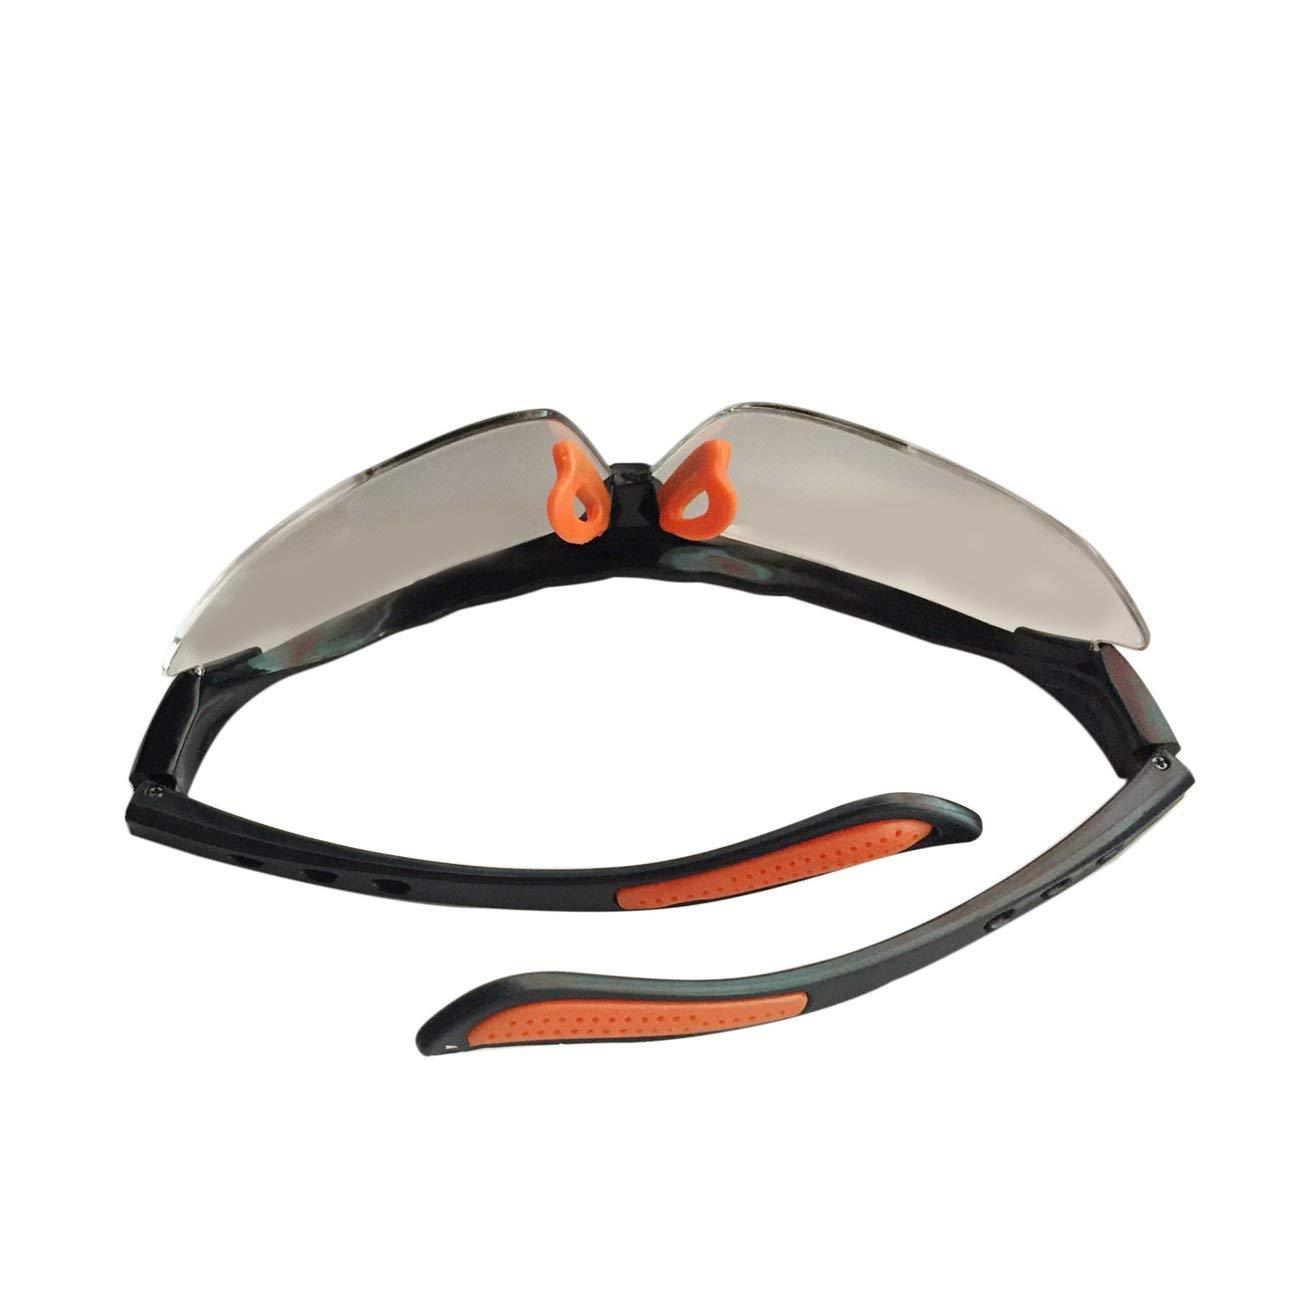 Moda Ciclismo Gafas Unisex Deportes al Aire Libre Sunglass UV400 Bicicleta Bicicleta Gafas Deportivas Gafas de Sol Gafas de Montar Socialism